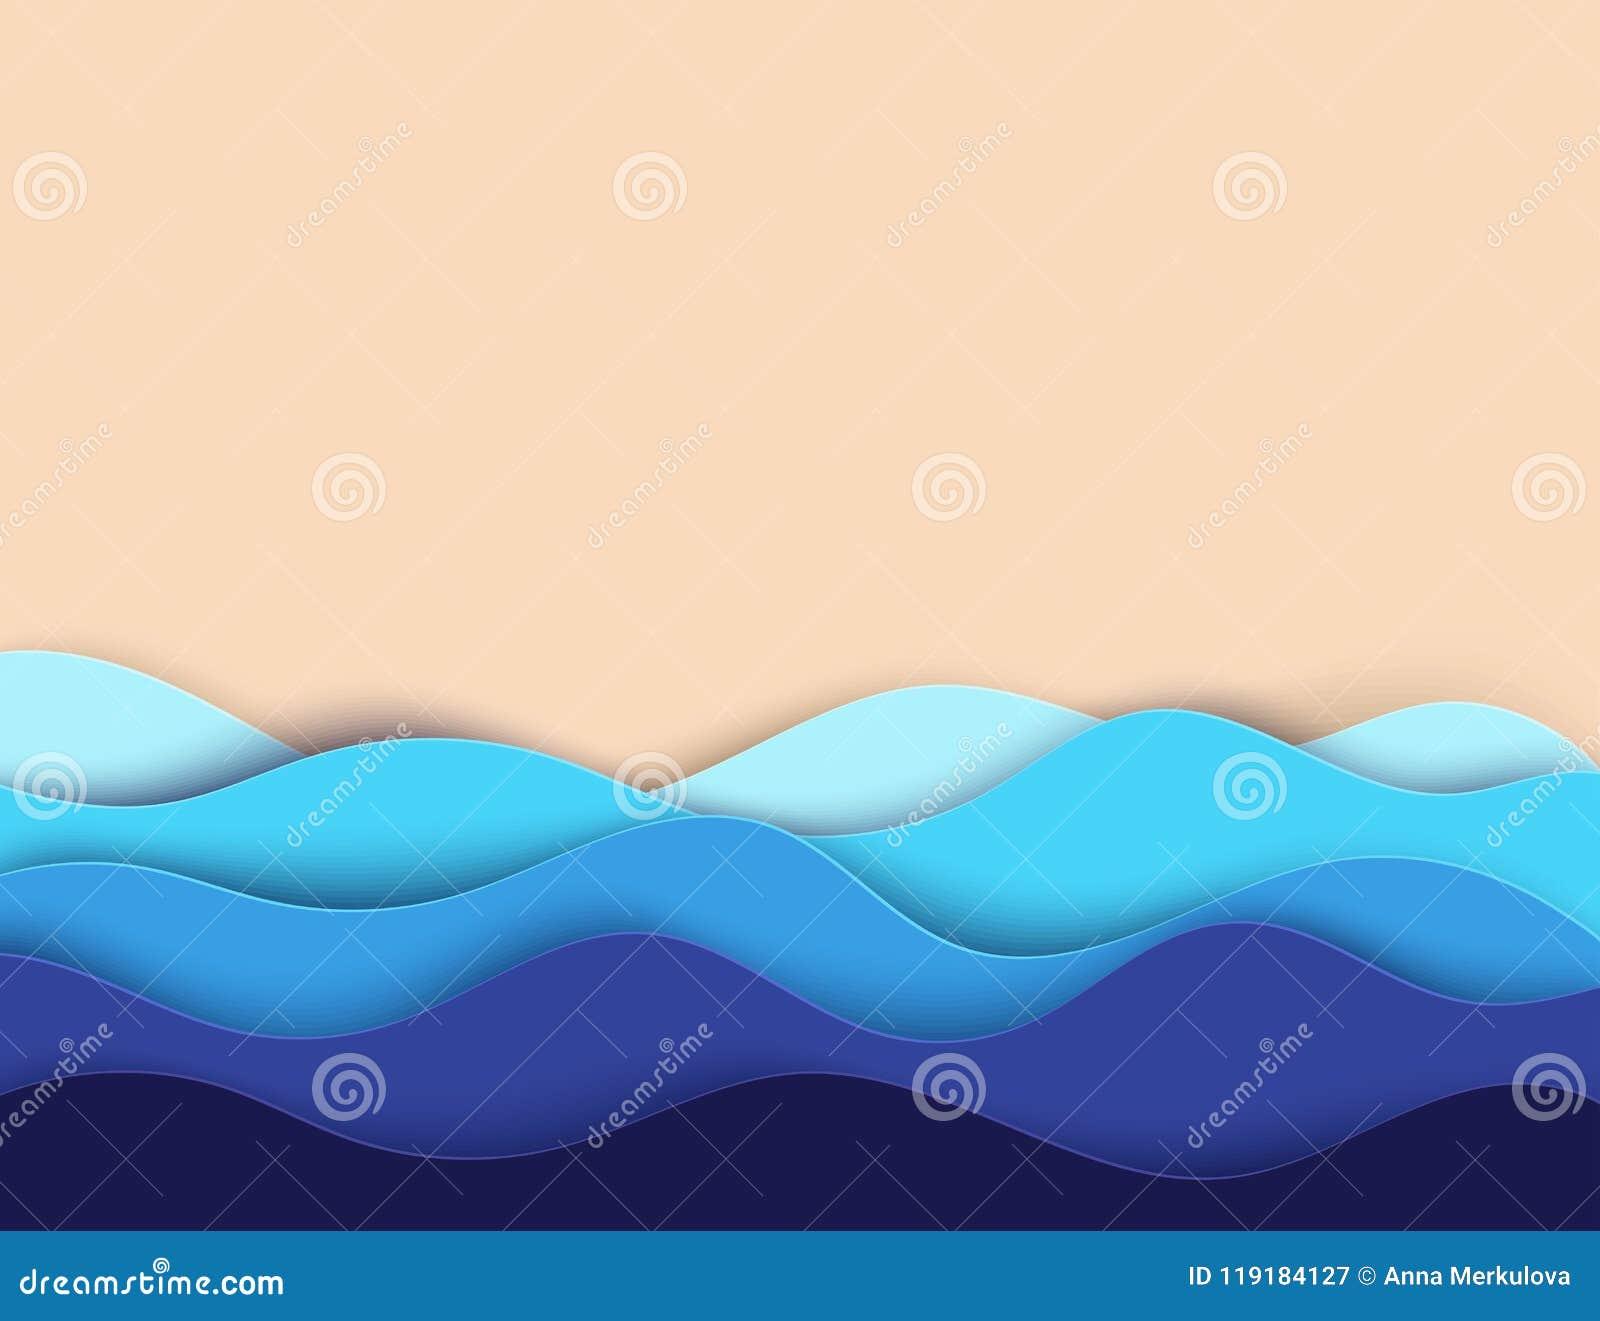 Ondas e praia de papel abstratas de água do mar ou do oceano da arte verão